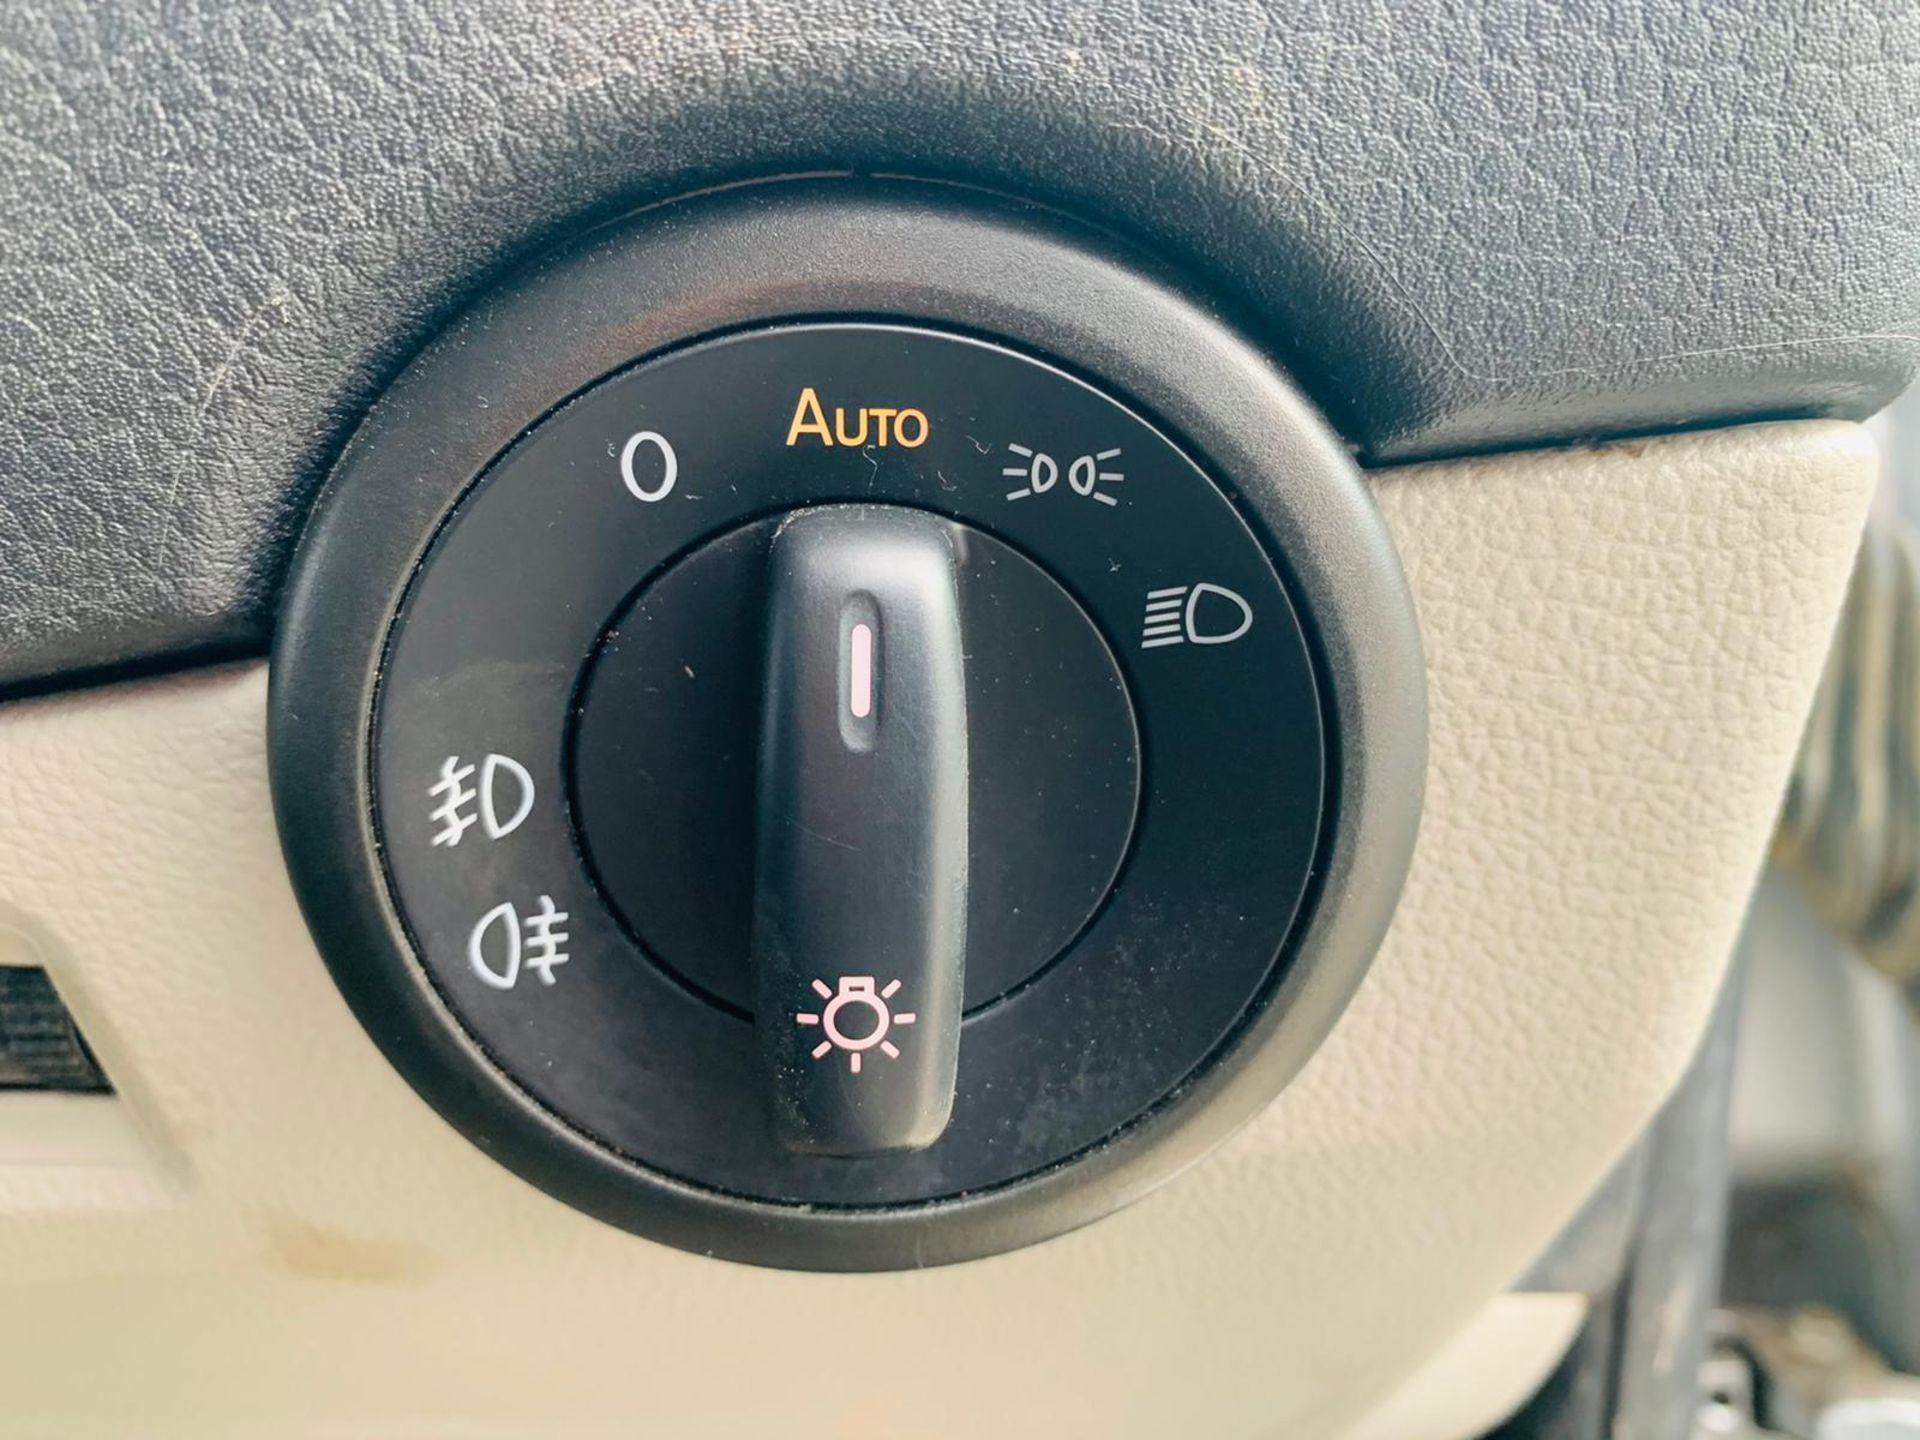 (RESERVE MET) Volkswagen (VW) Transporter 2.0 TDI 150 Highline T28 2018 18 Reg - Parking Sensors - - Image 21 of 23